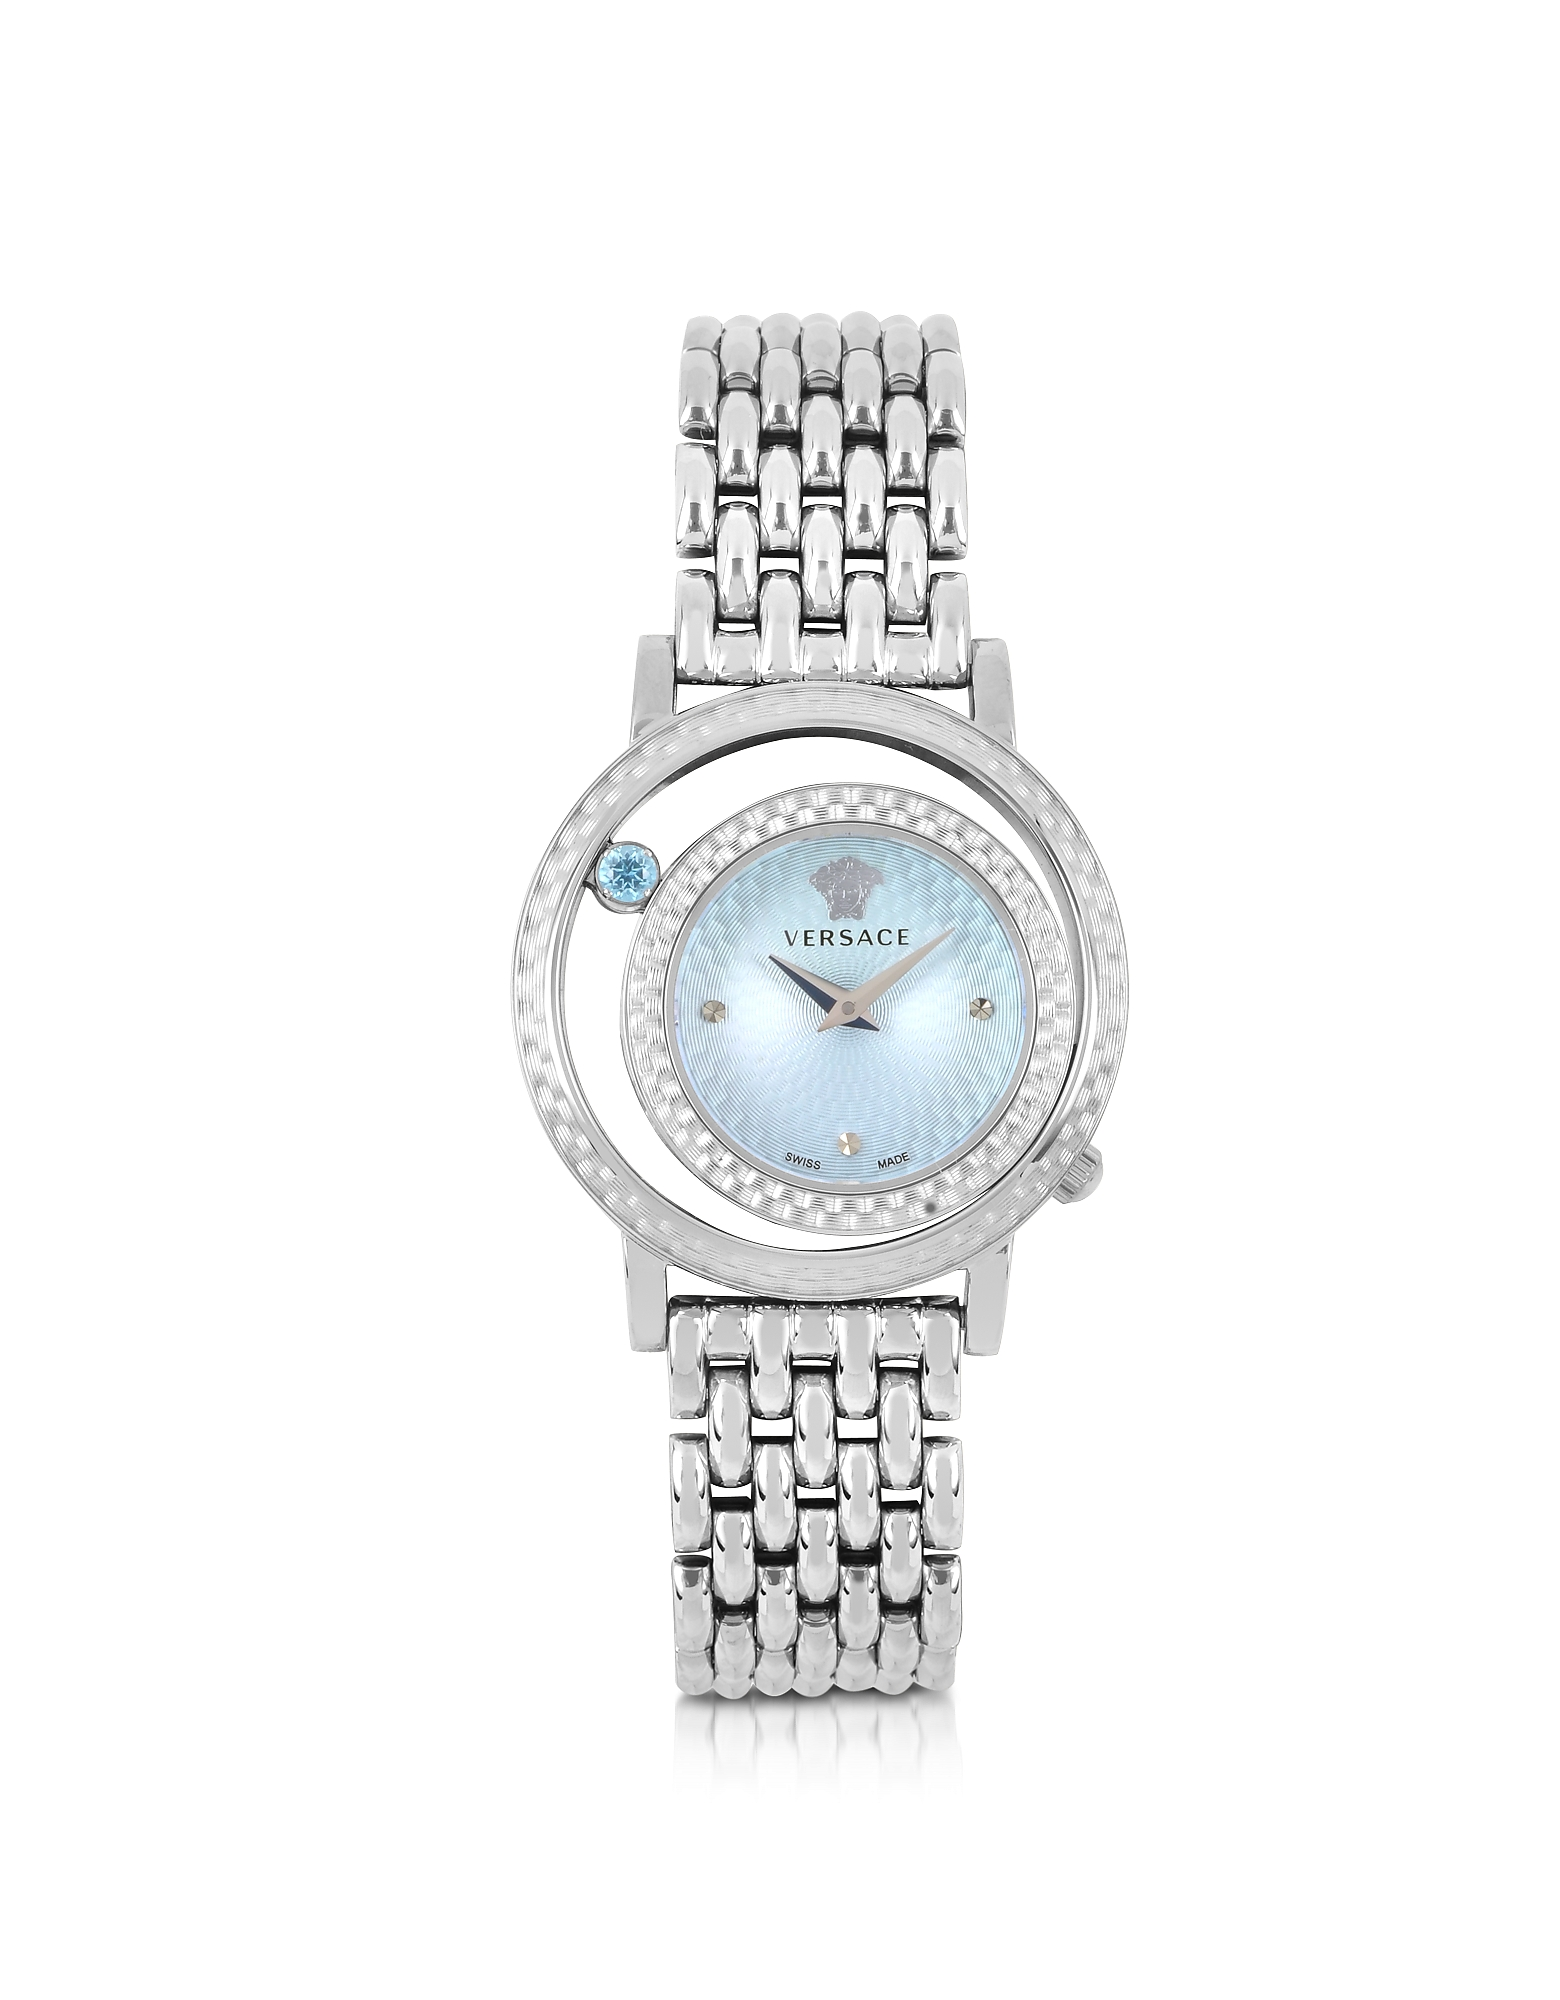 Venus - Женские Часы из Нержавеющей Стали с Голубым Циферблатом